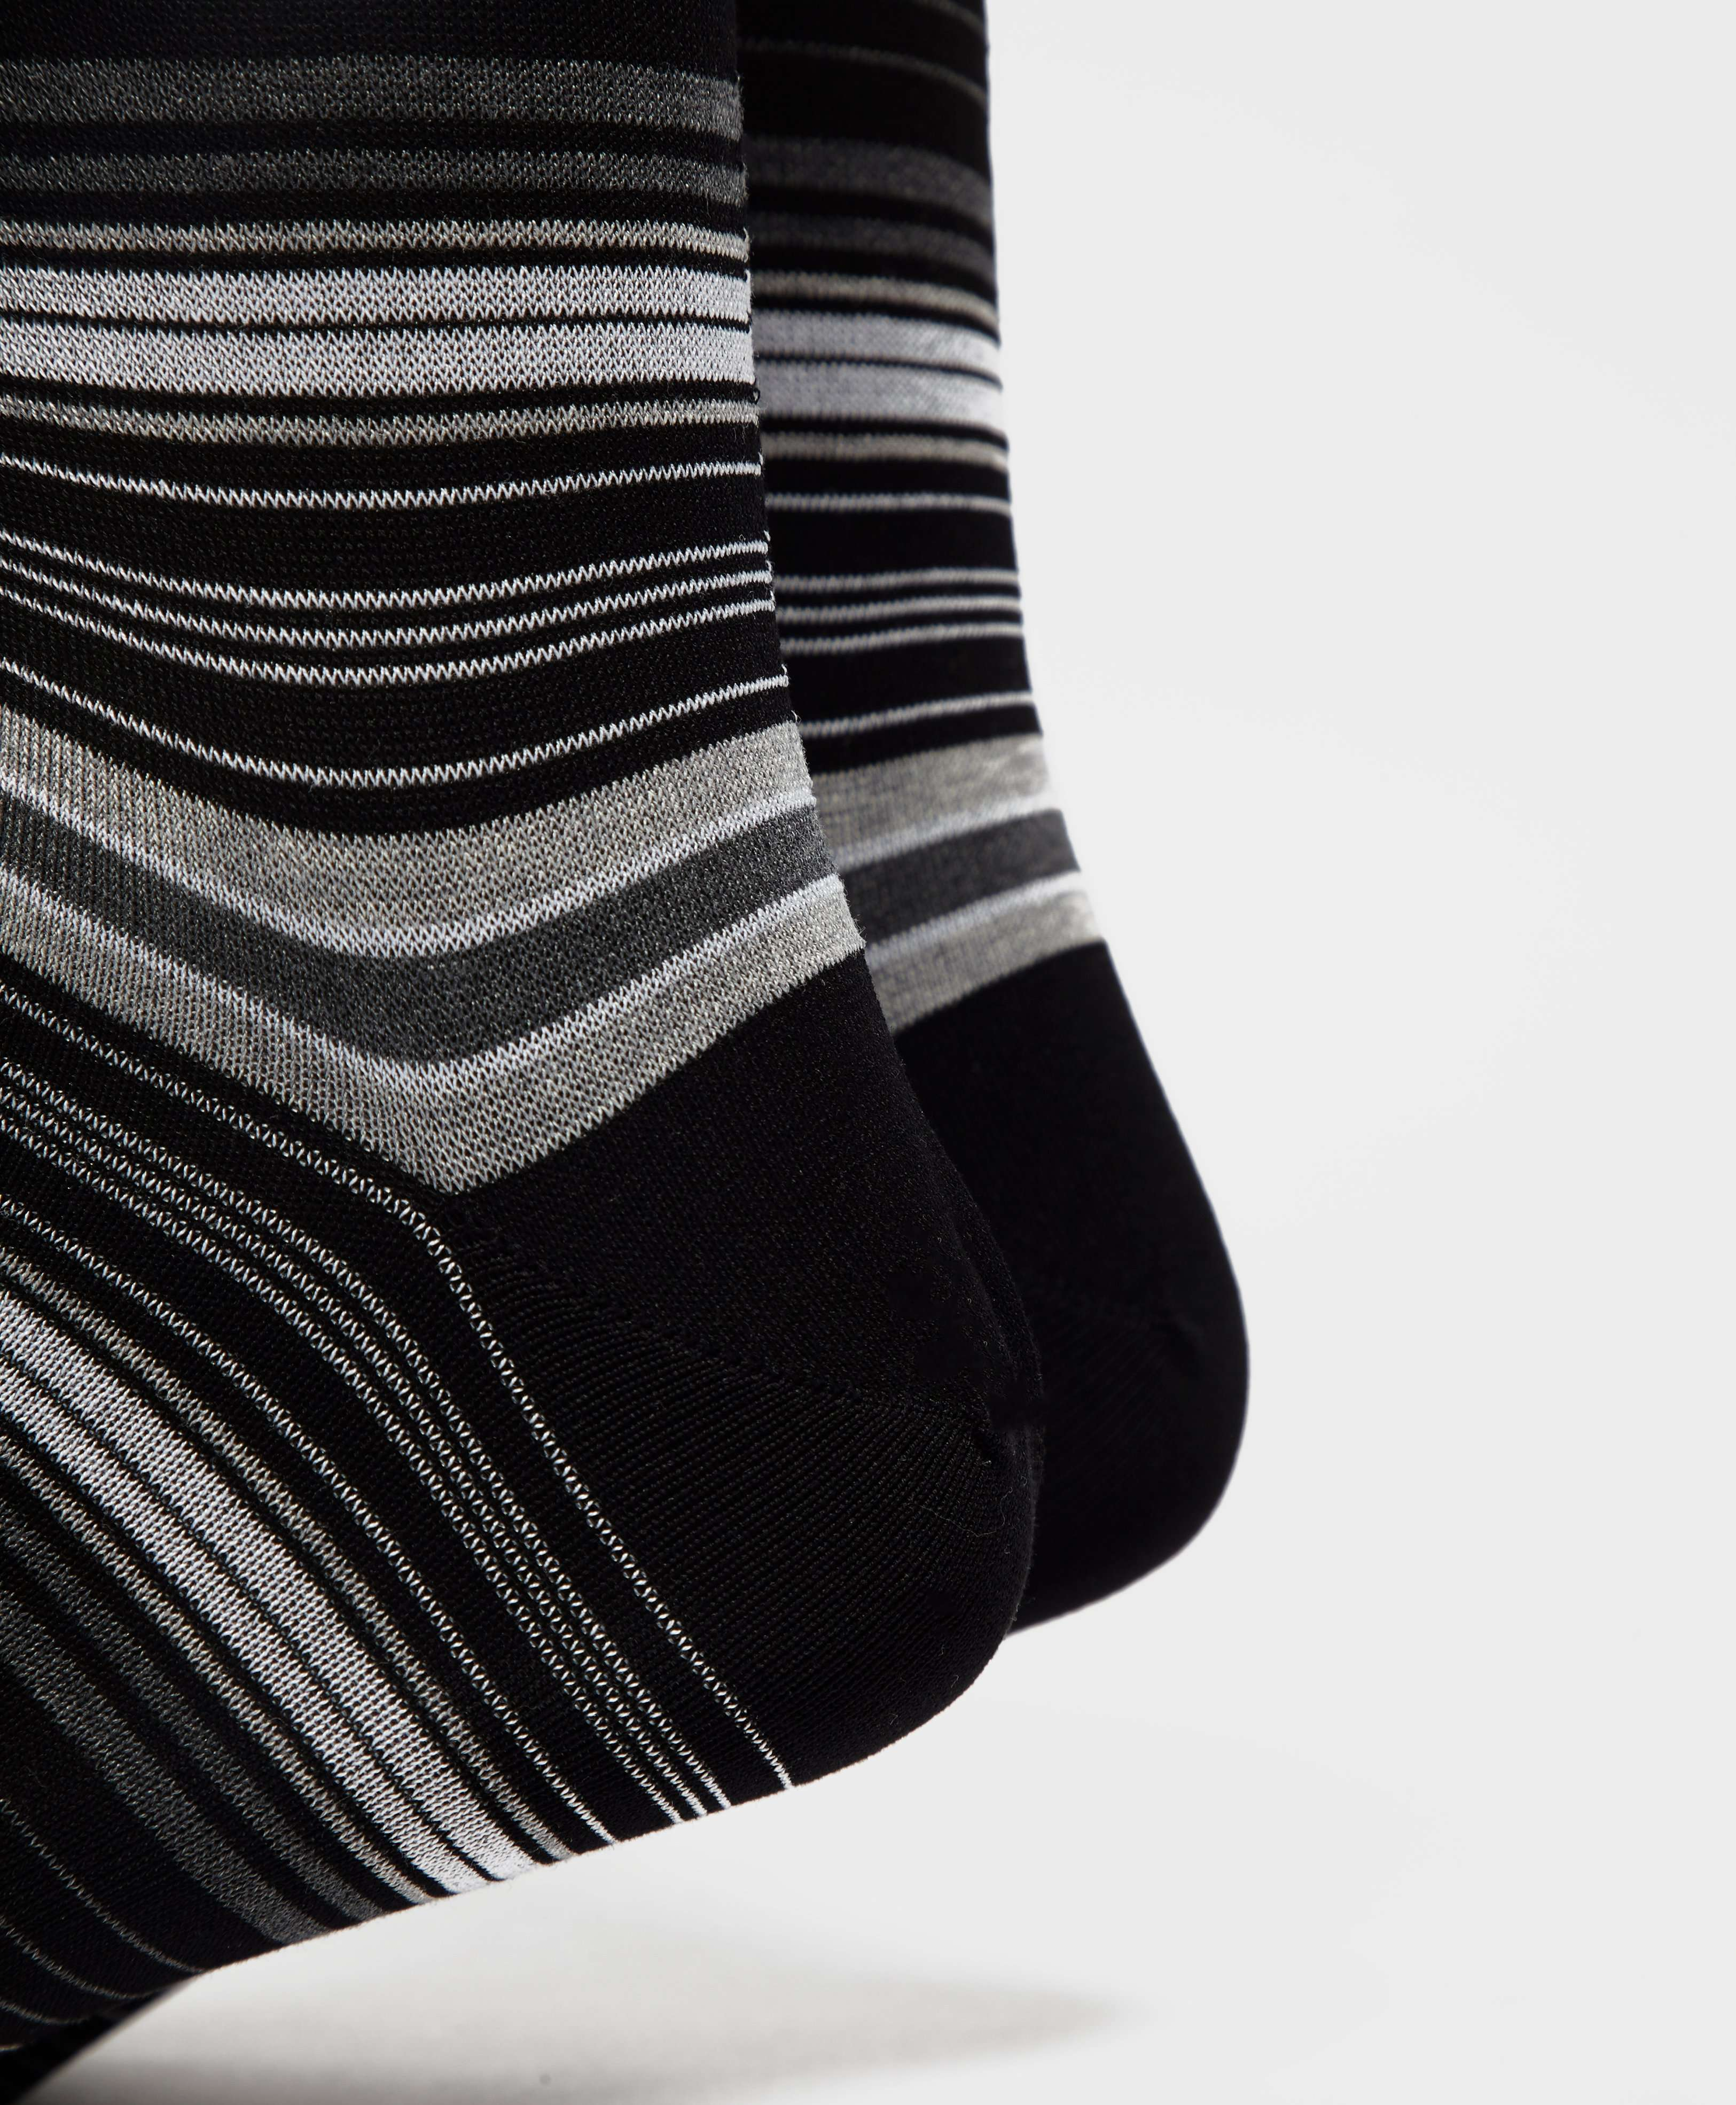 BOSS Stripe Socks - Online Exclusive